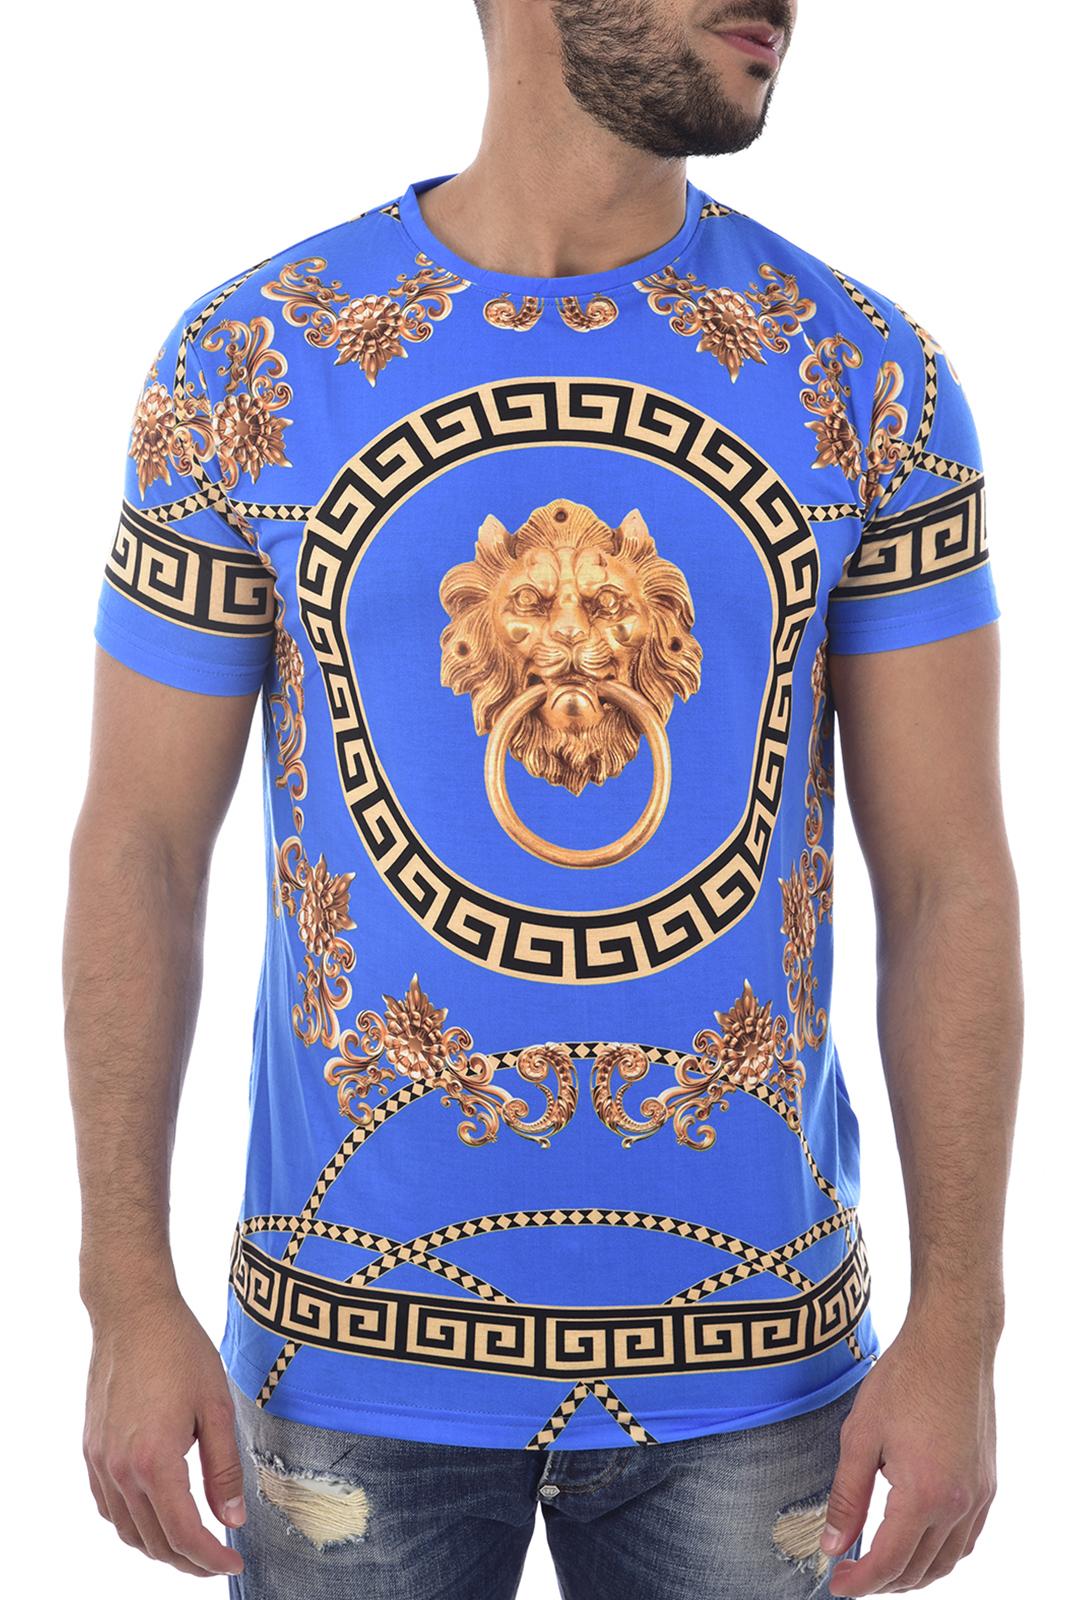 T-S manches courtes  Hite couture MOULETA BLUE